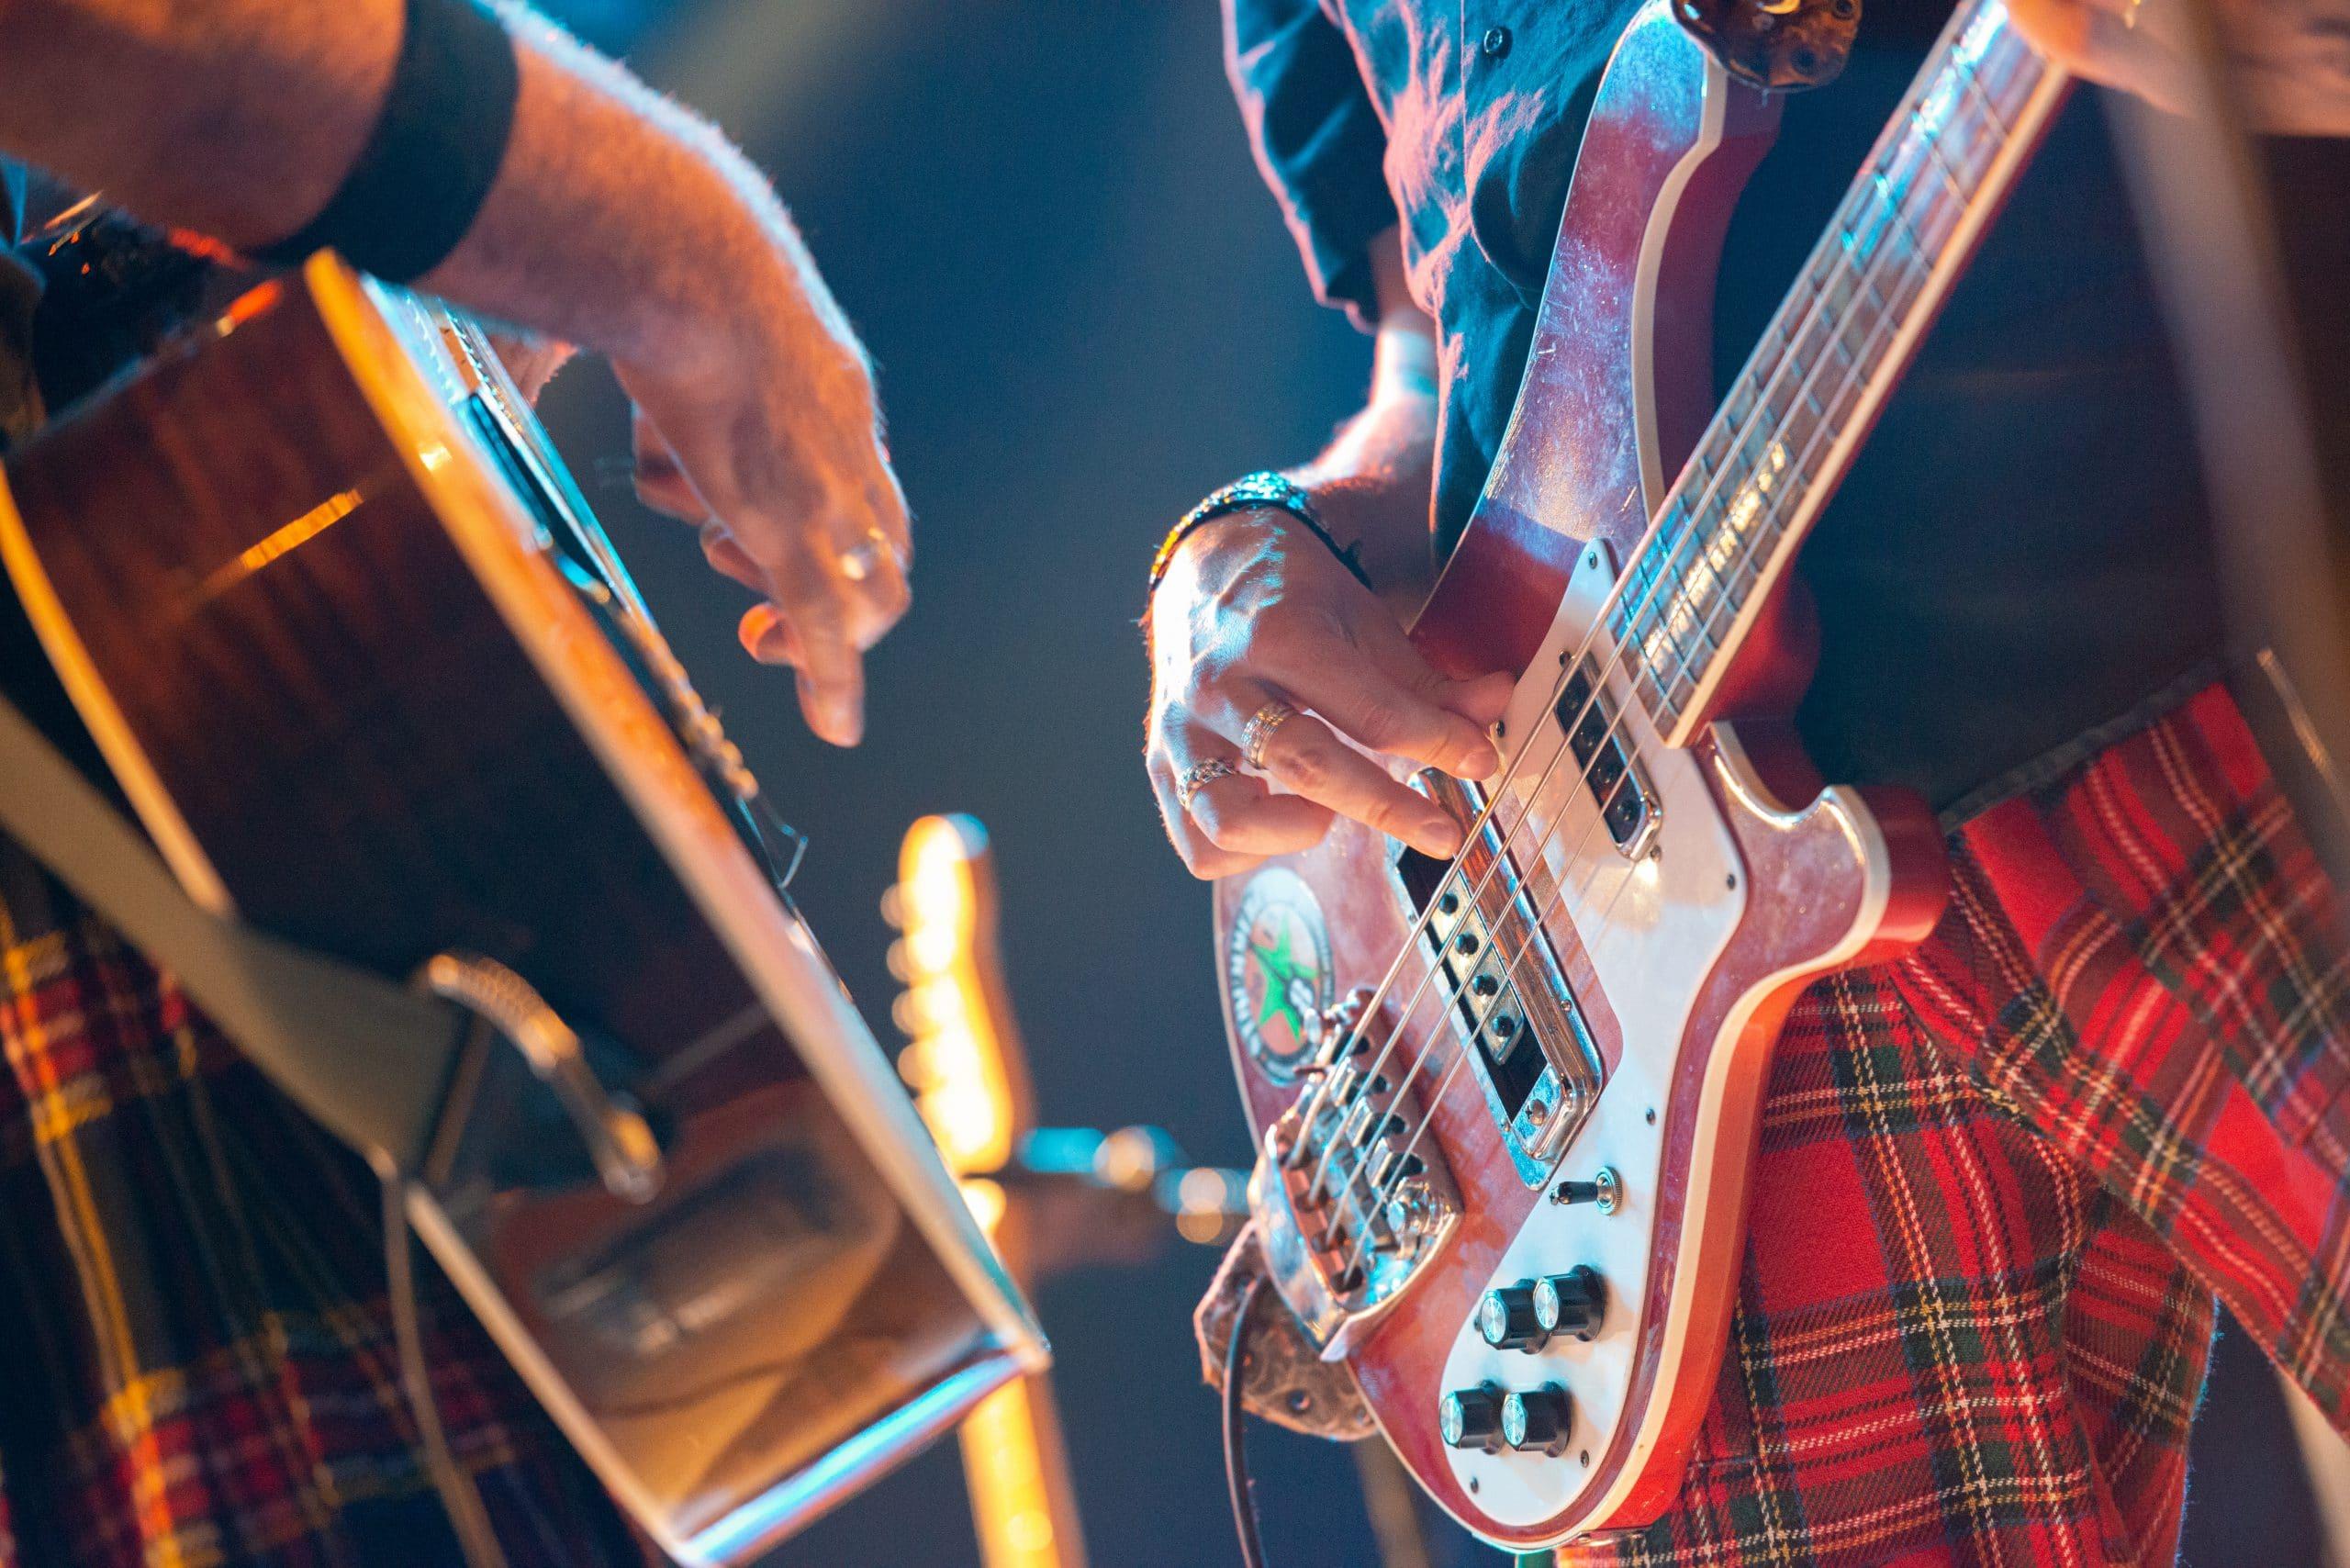 kitaristi ja basisiti soittavat yhdessä lavalla vastakkain, lähikuva soittimista